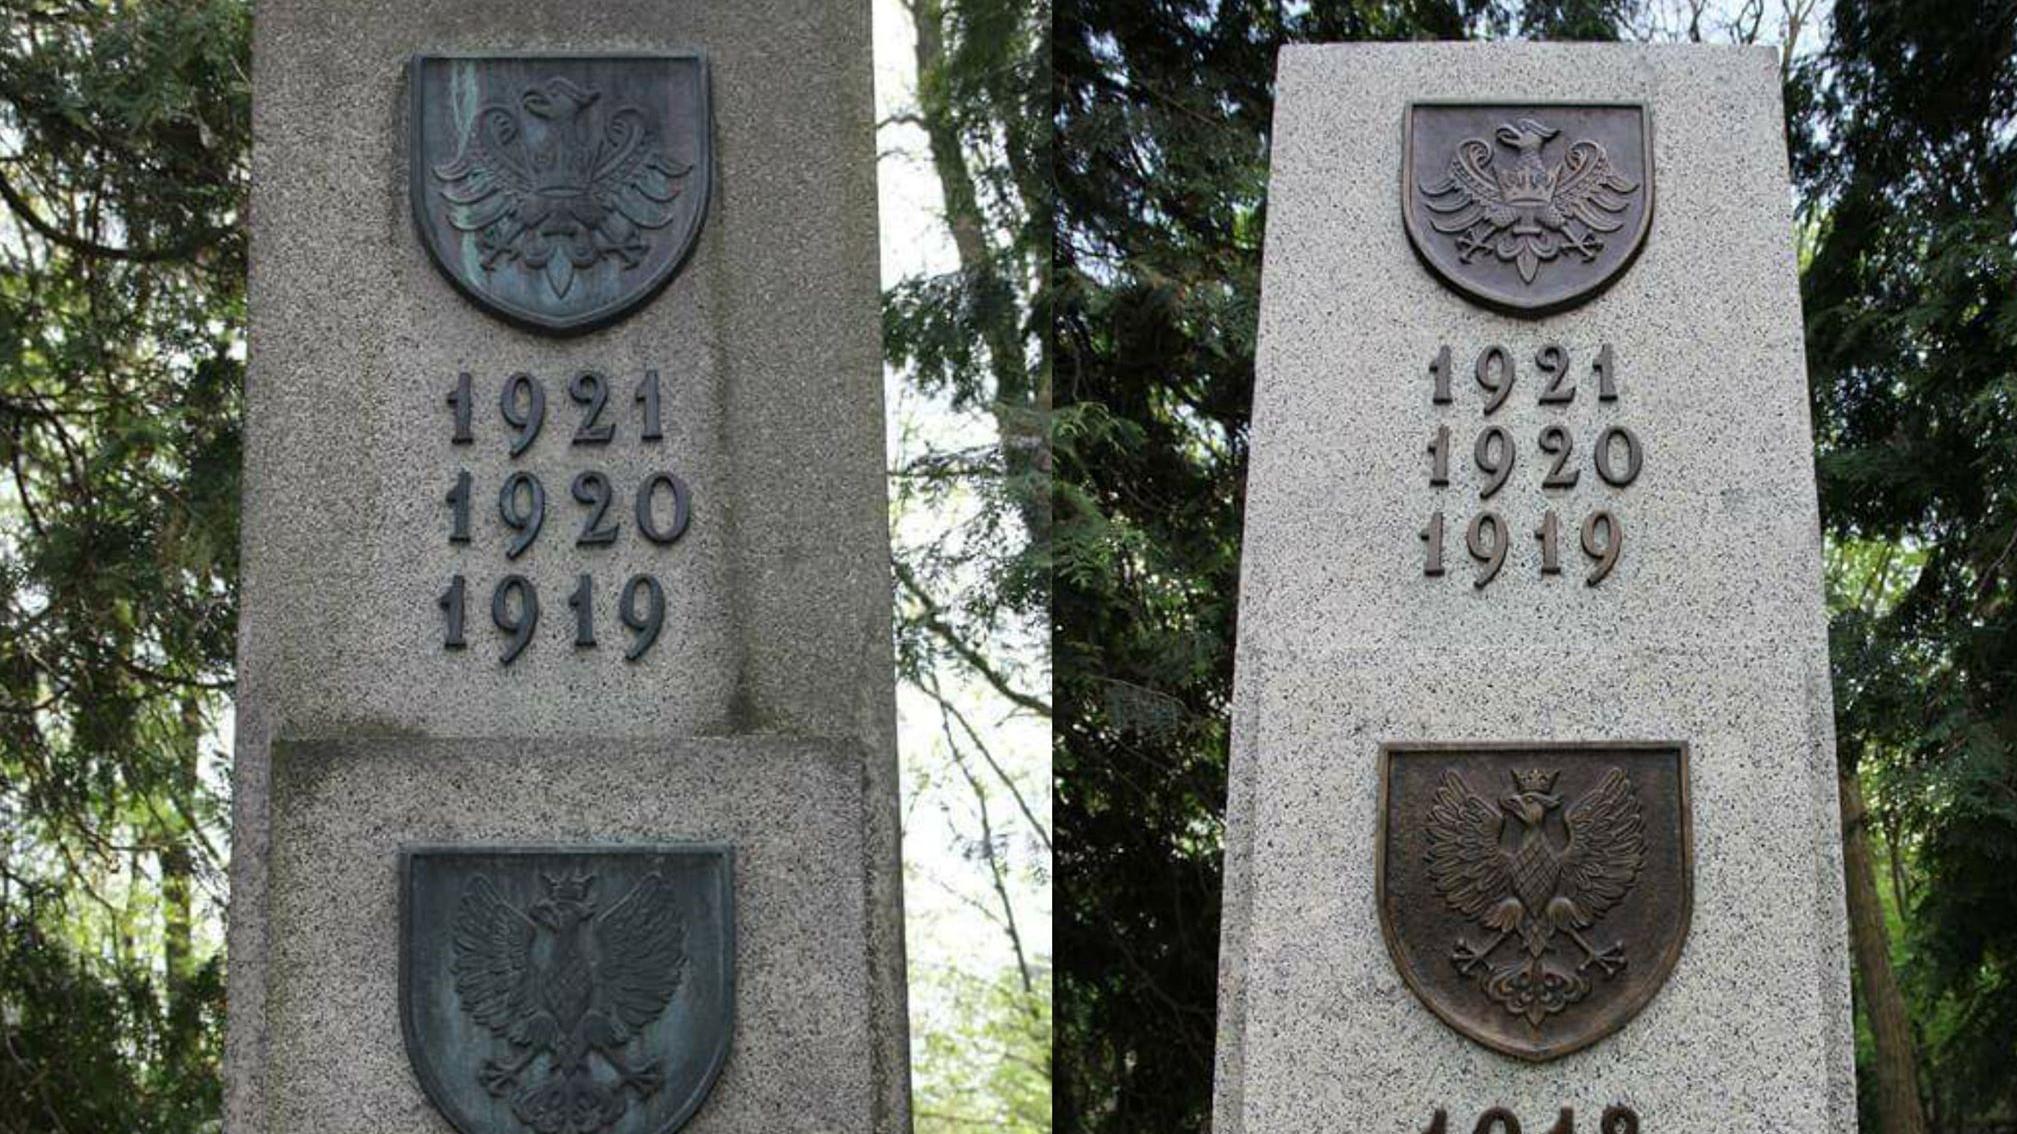 pomnik kwatera powstańcy wielkopolscy odnowiona odnowiony warszawa powązki - Instytut Poznański